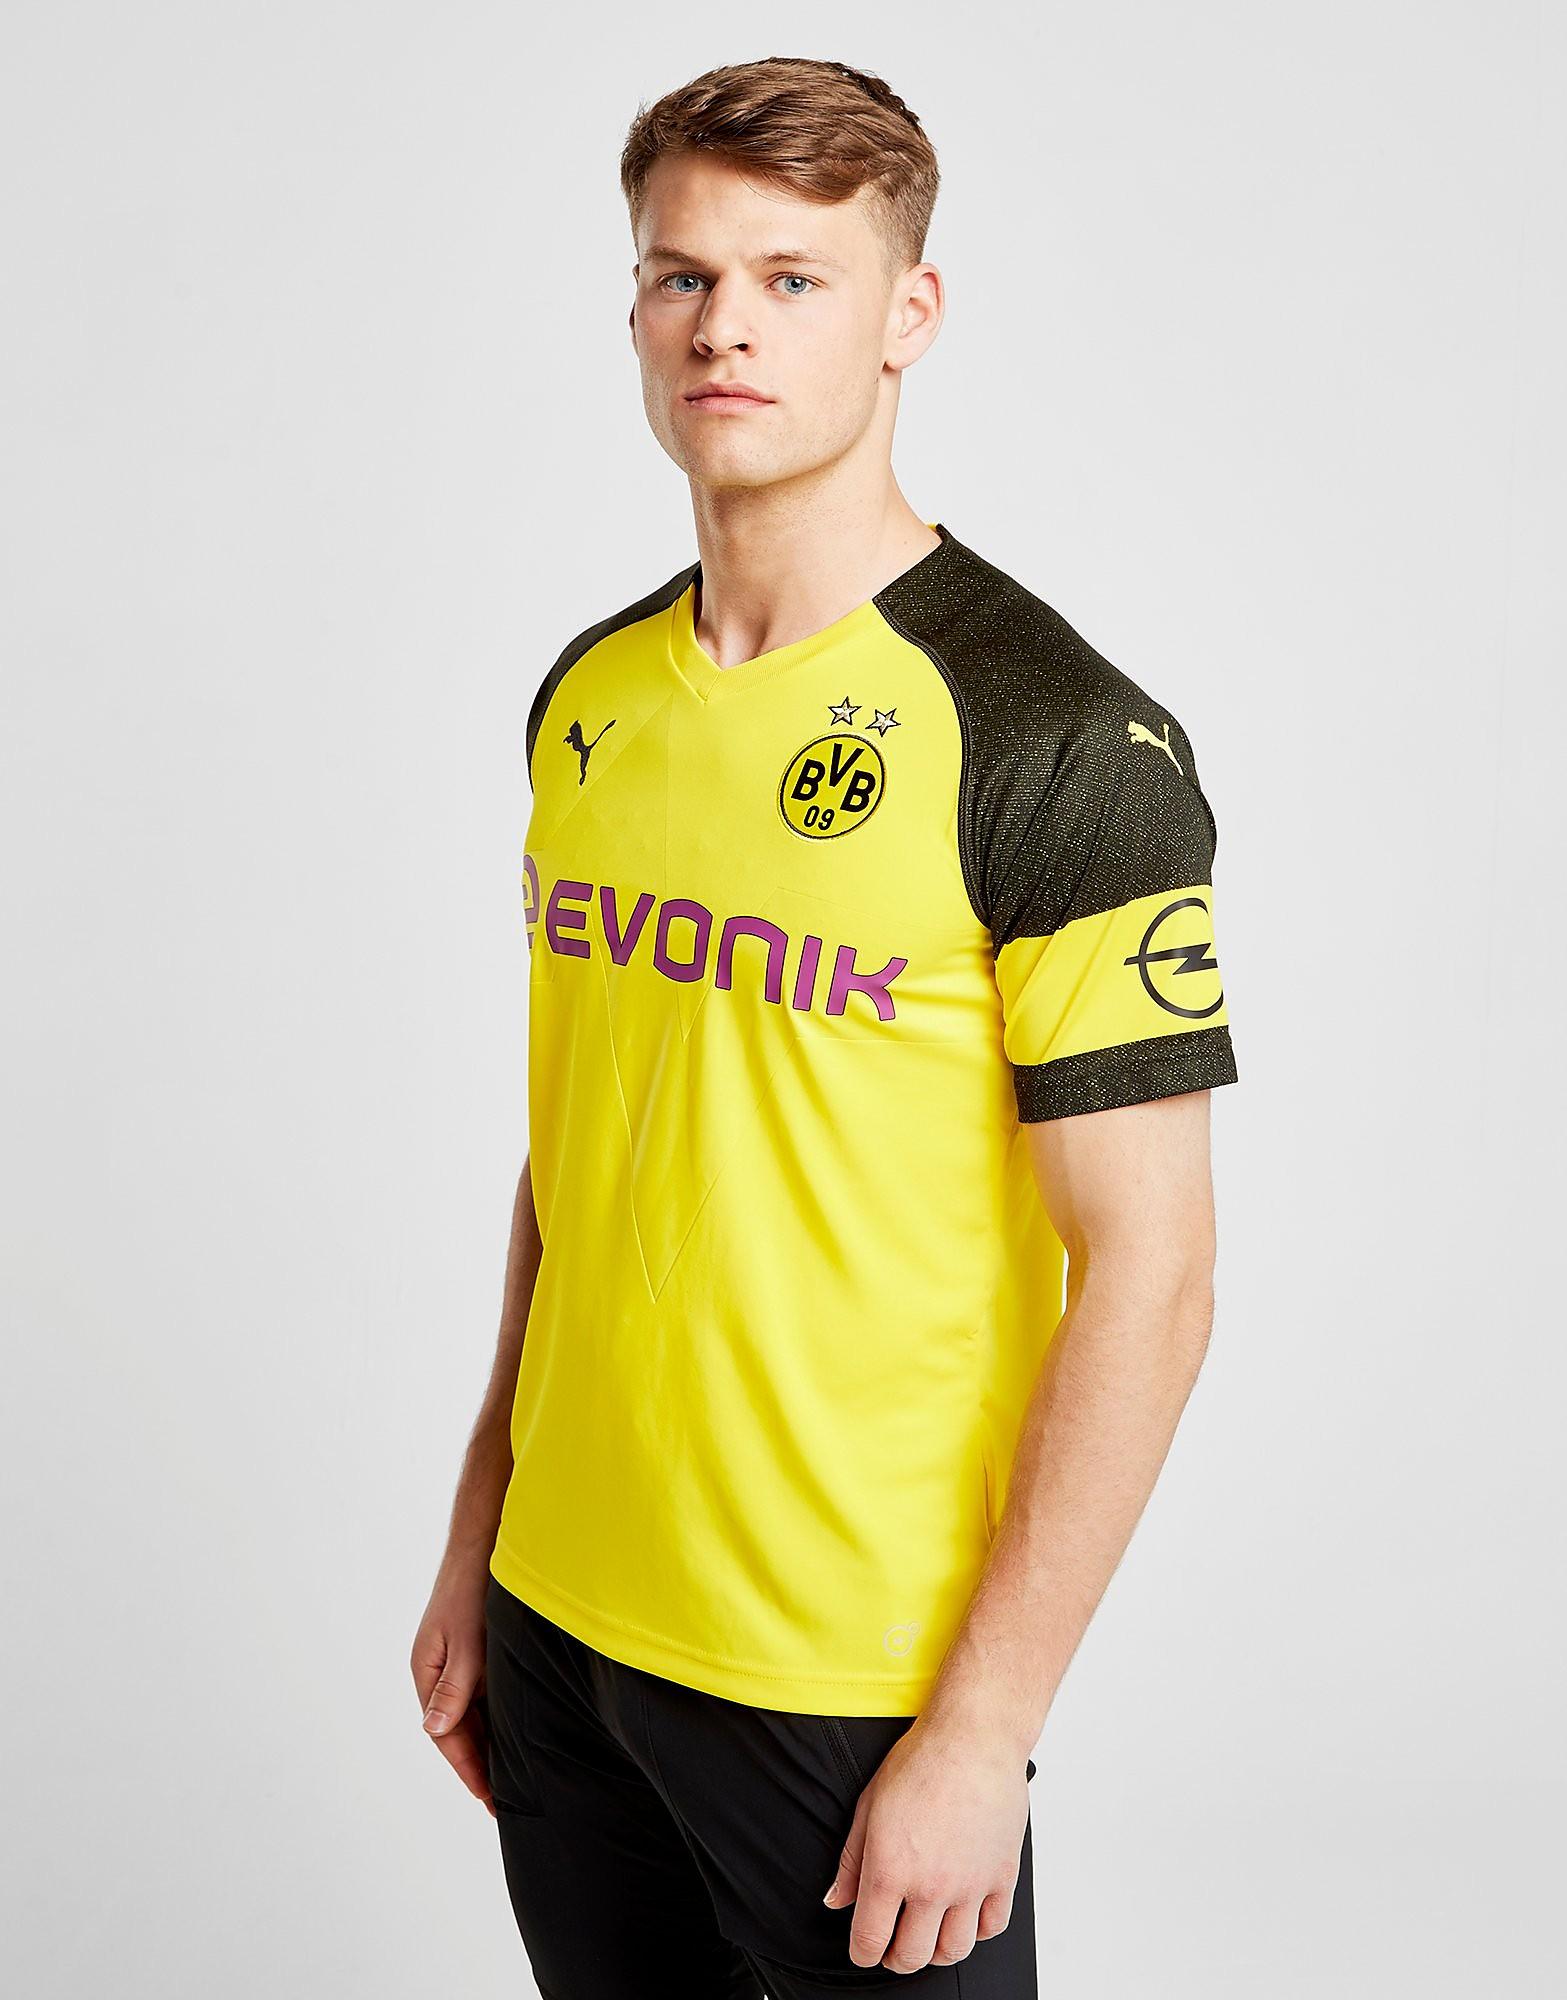 PUMA Borussia Dortmund 2018/19 Home Shirt